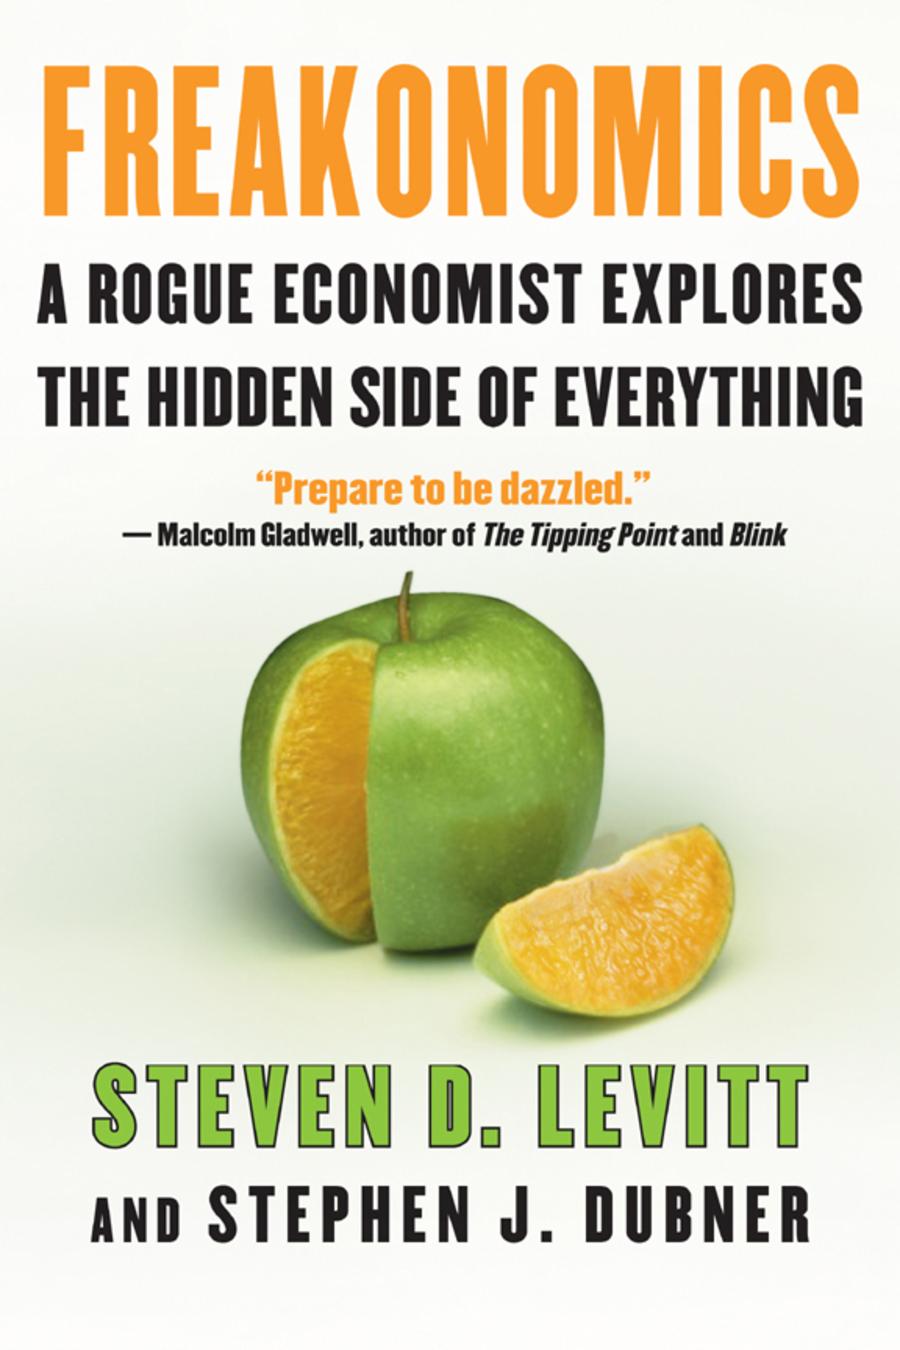 Freakonomics – Steven D. Levit and Stephen J. Dubner